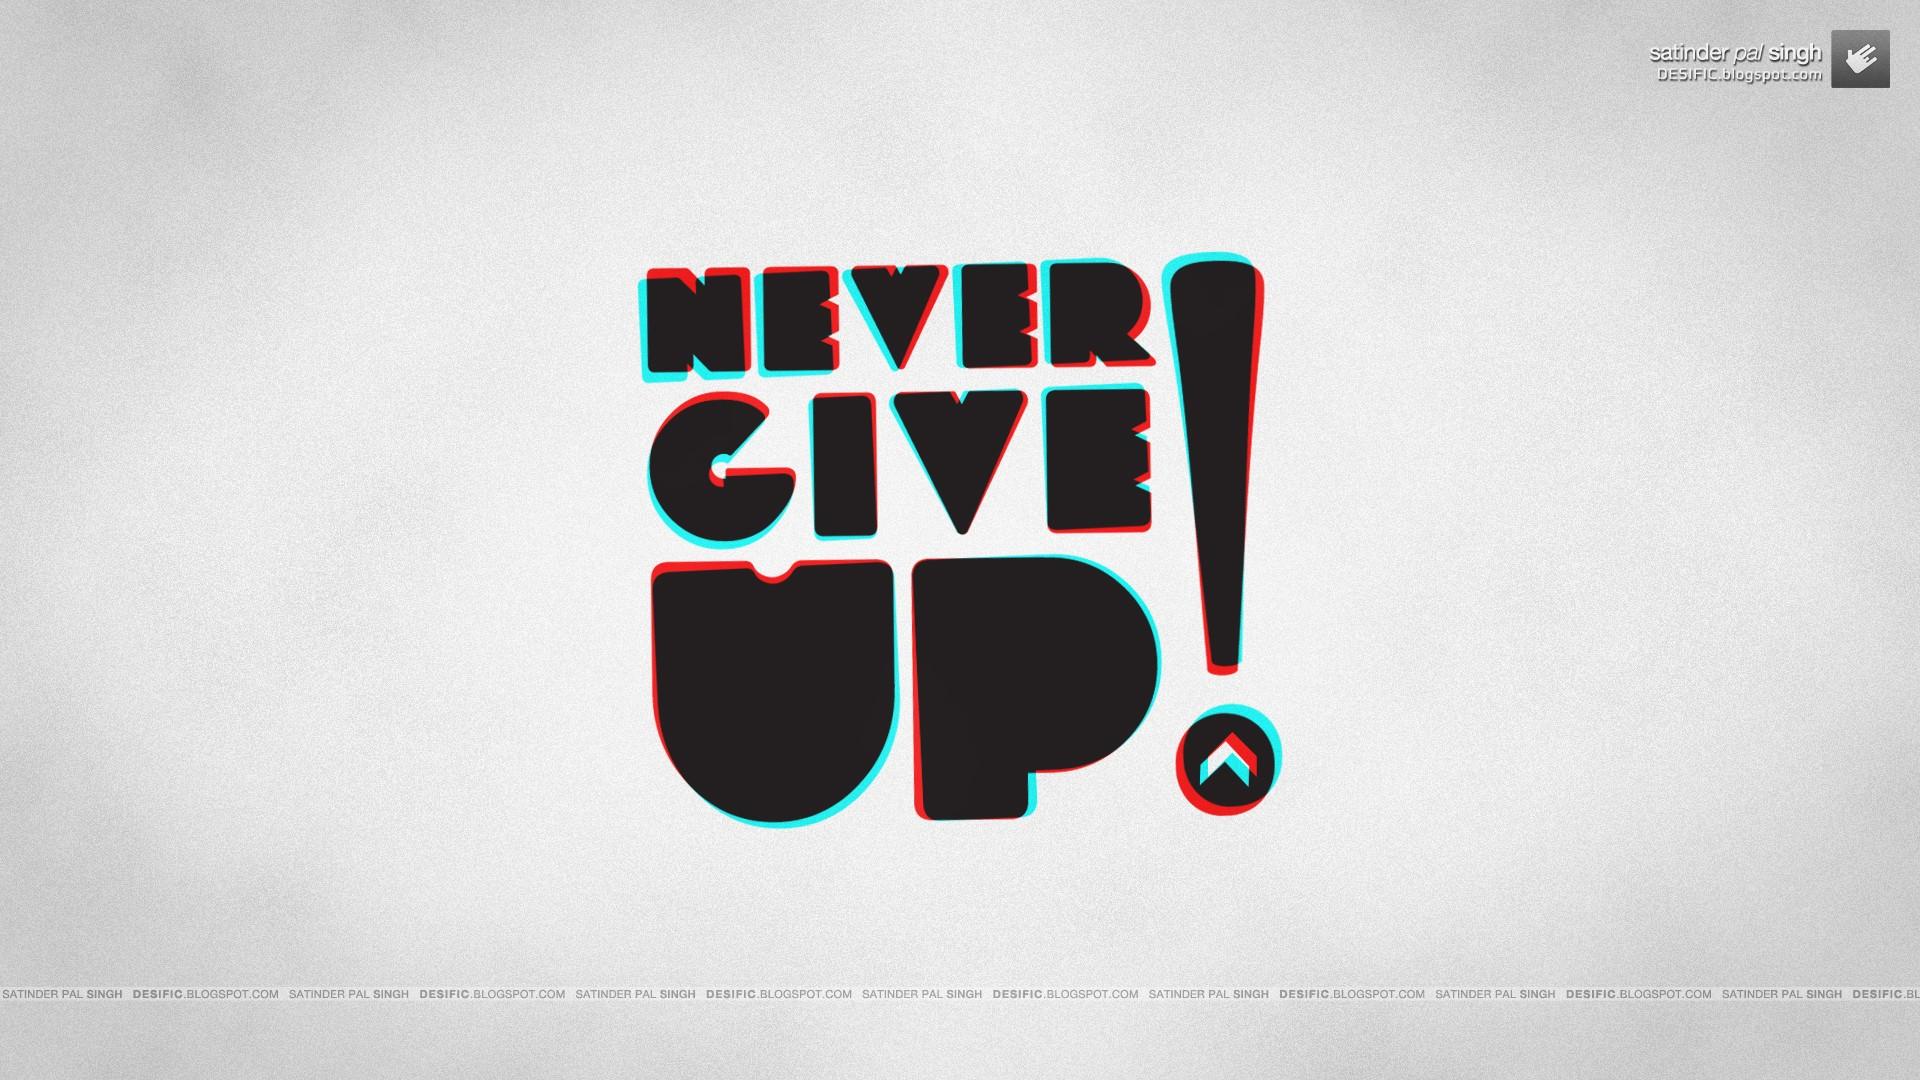 Wallpaper 1920x1080 Px Anaglyph 3d Motivational Never